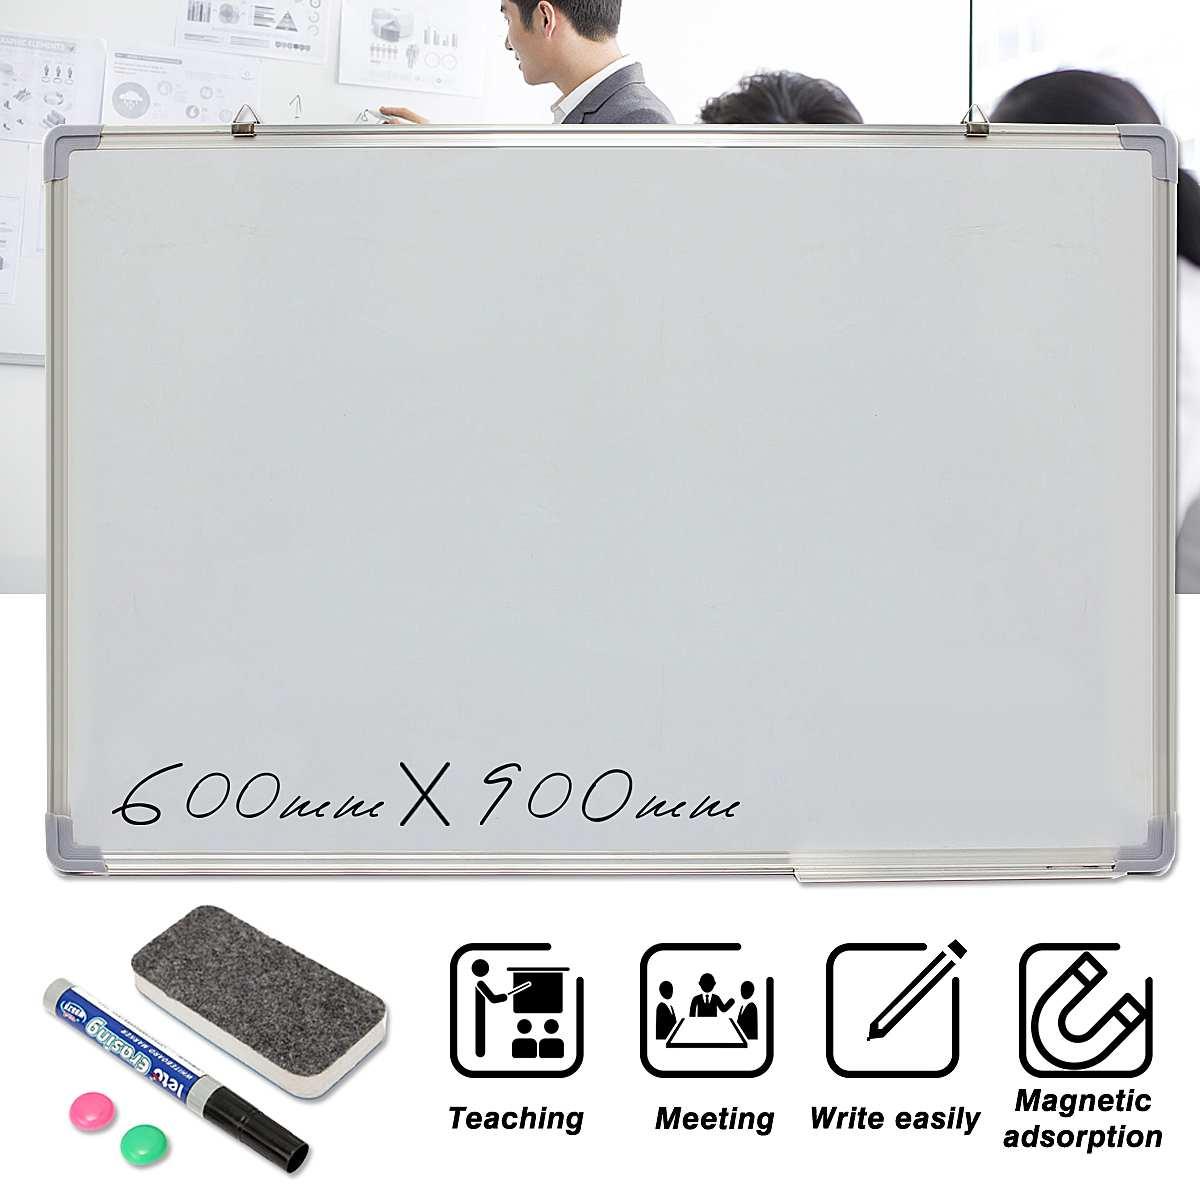 Kicute tableau blanc effaçable à sec magnétique 600x900 MM Double face avec stylo effaçable aimants boutons pour école de bureau - 2